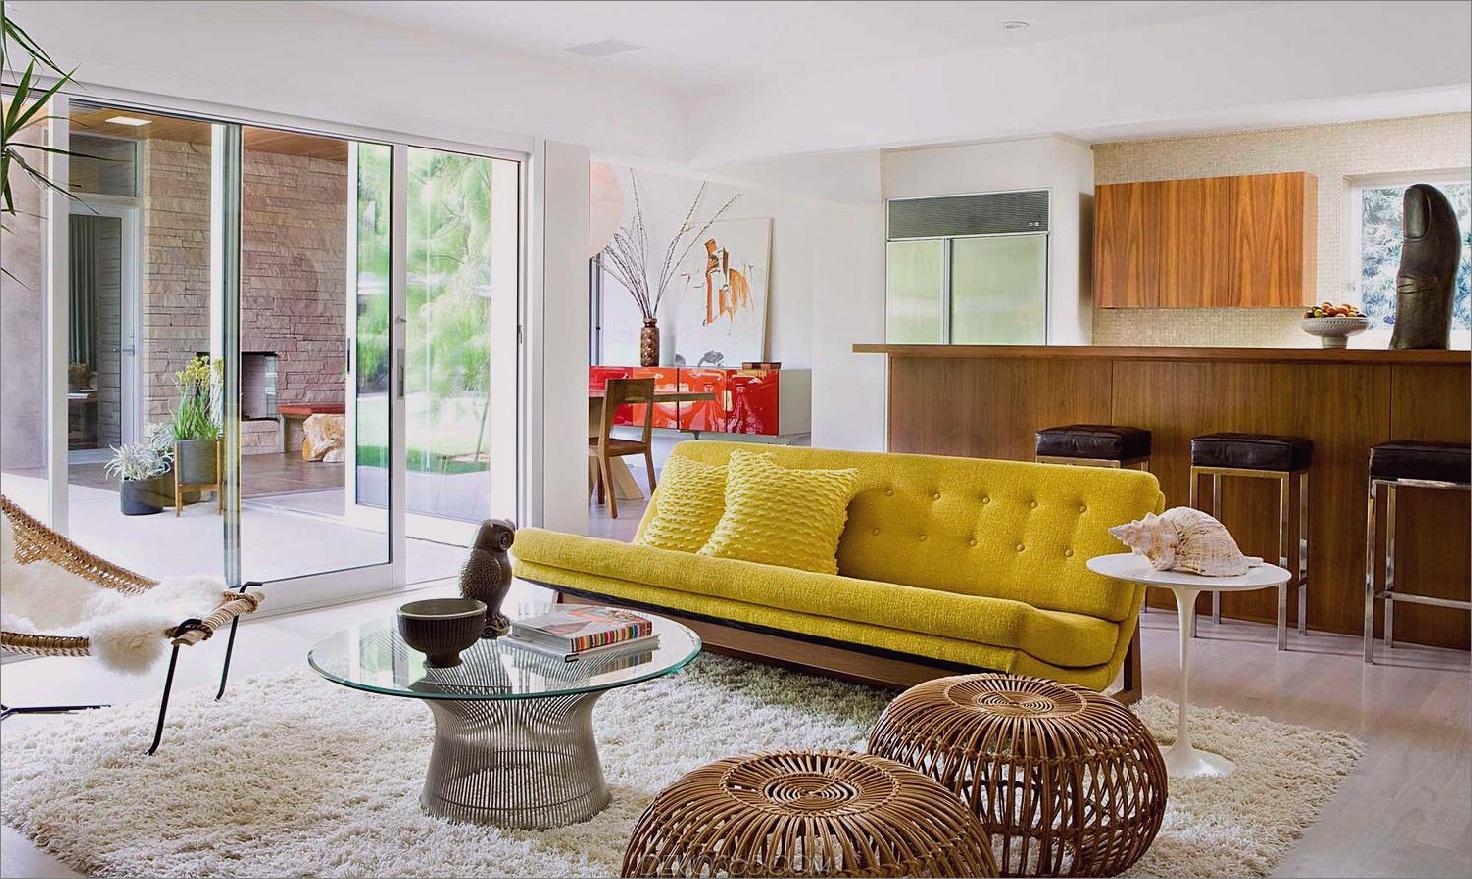 Whimscal-Schlafzimmer Mid Century Living Room Ideen, die zeitlos sind